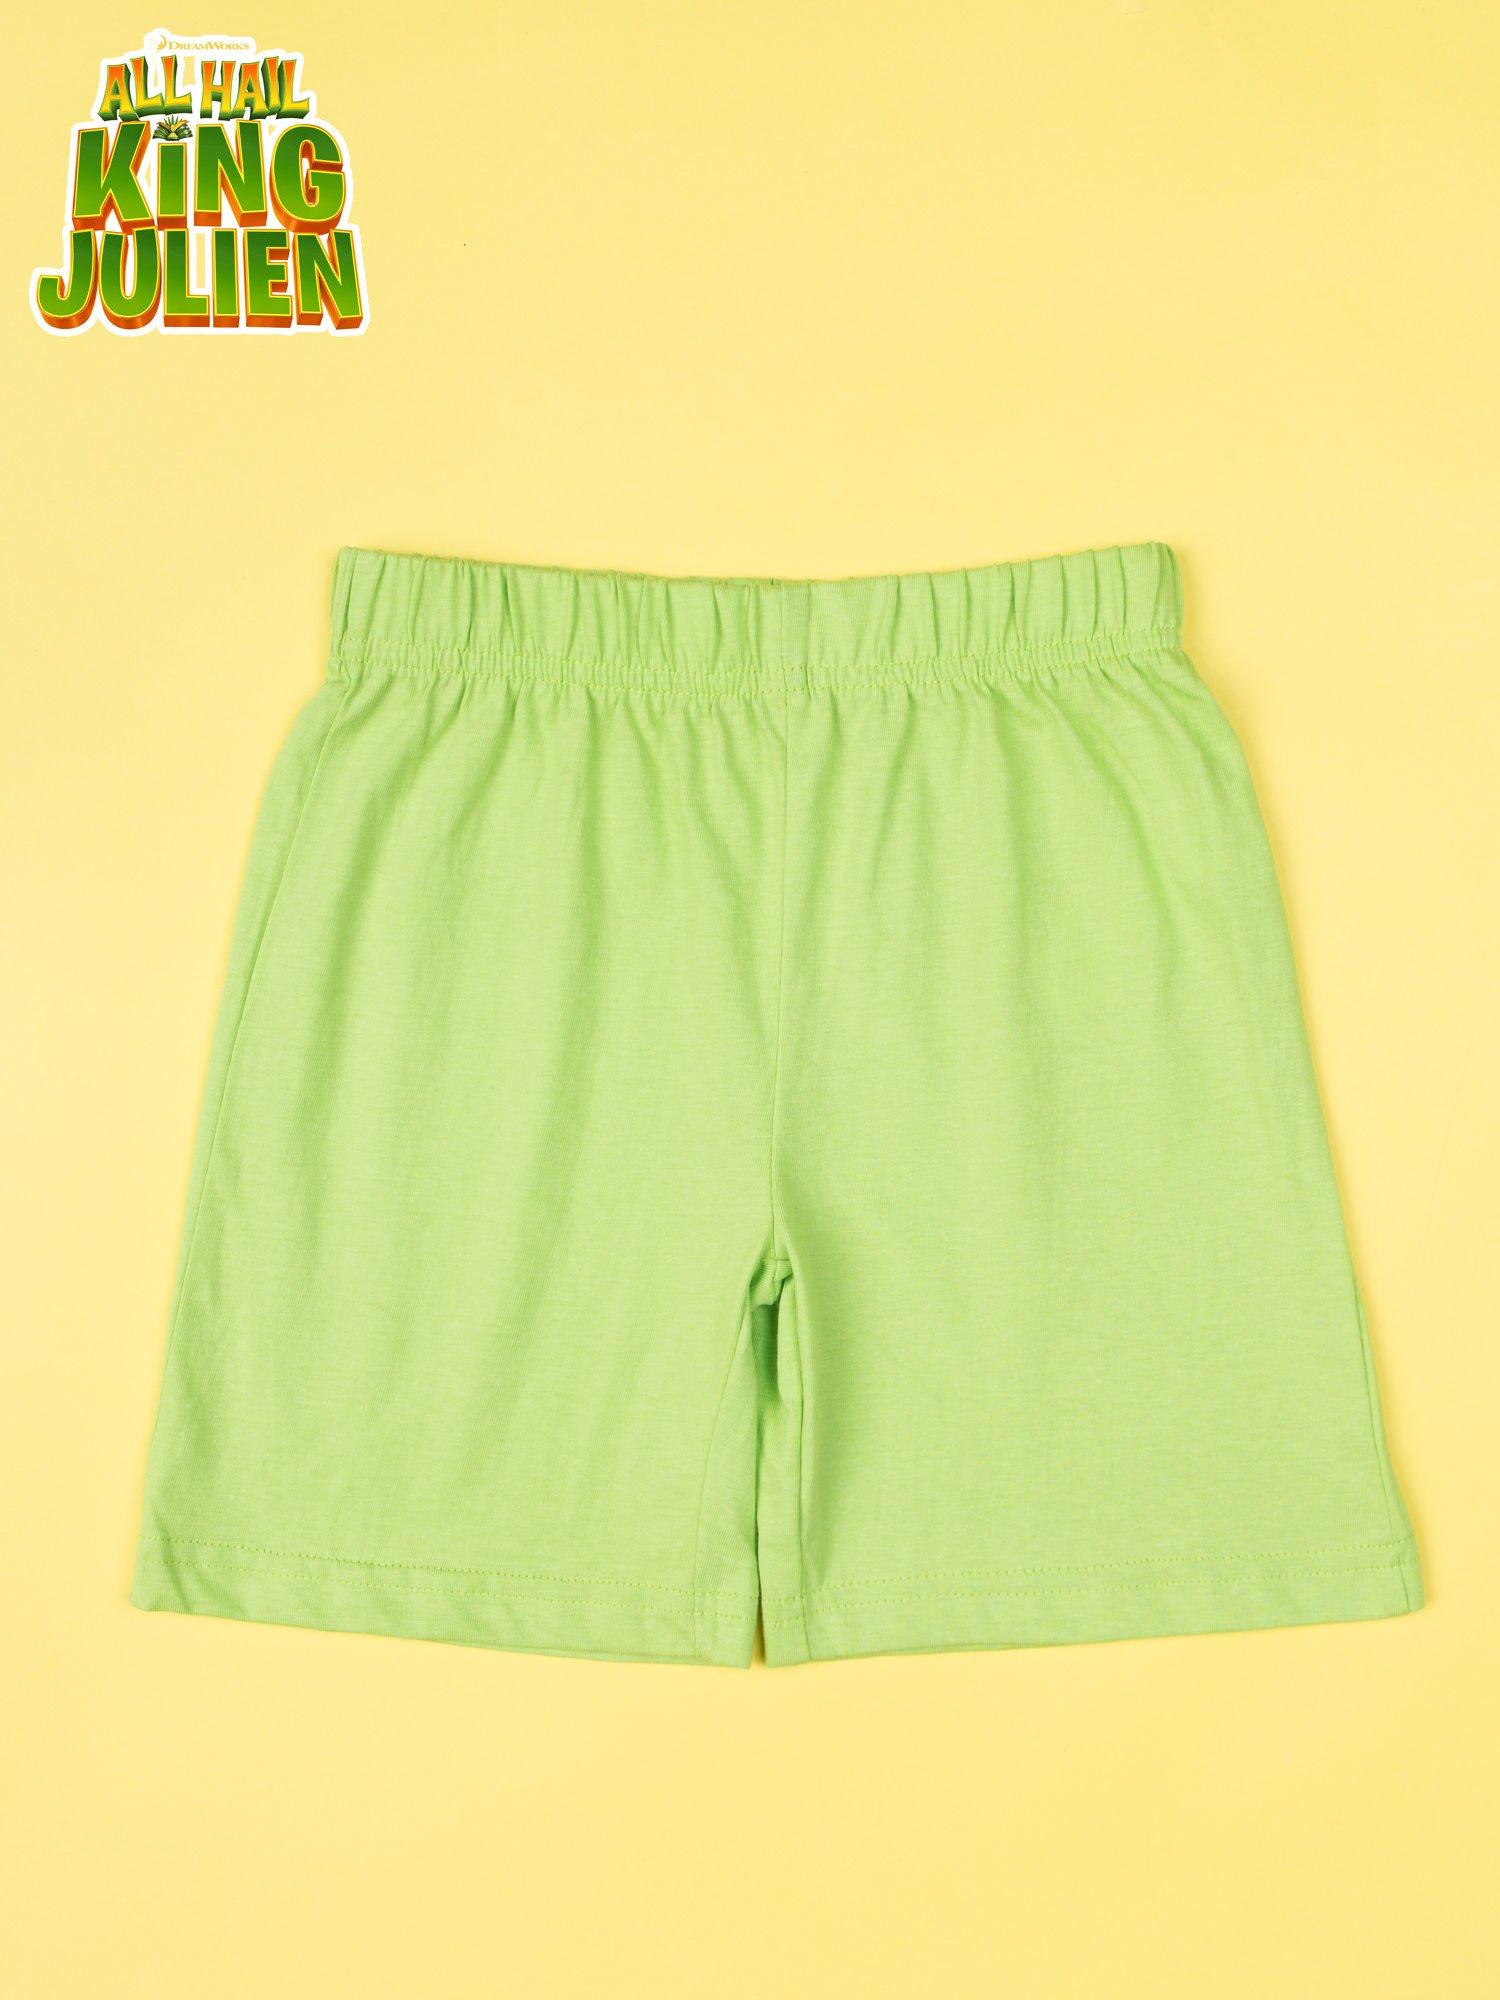 Zielona piżama chłopięca KRÓL JULIAN                                  zdj.                                  4